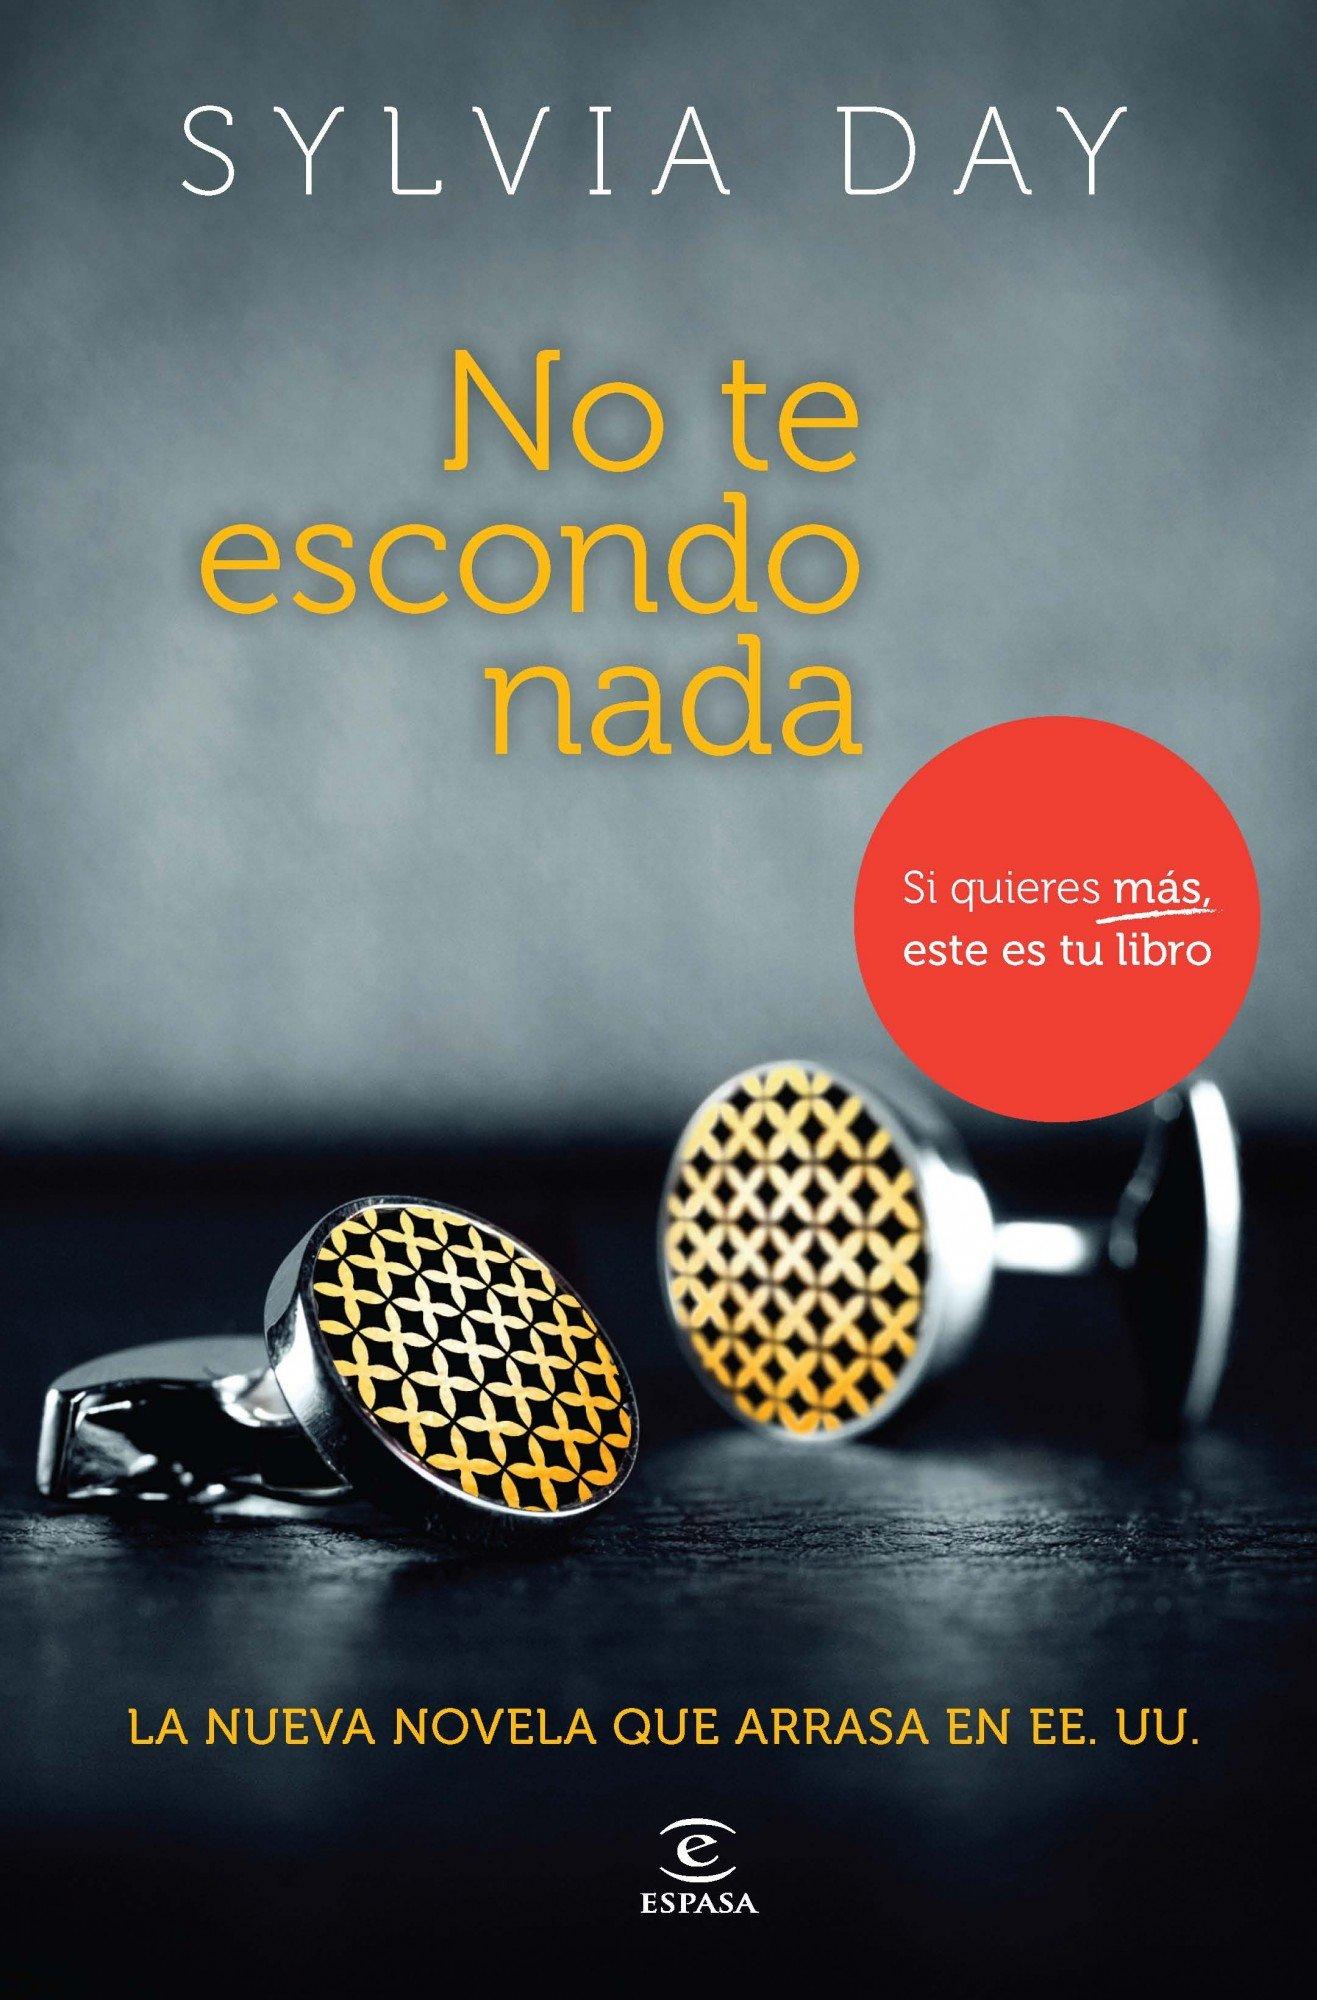 No te escondo nada: Sylvia Day: 8547511808036: Amazon.com: Books